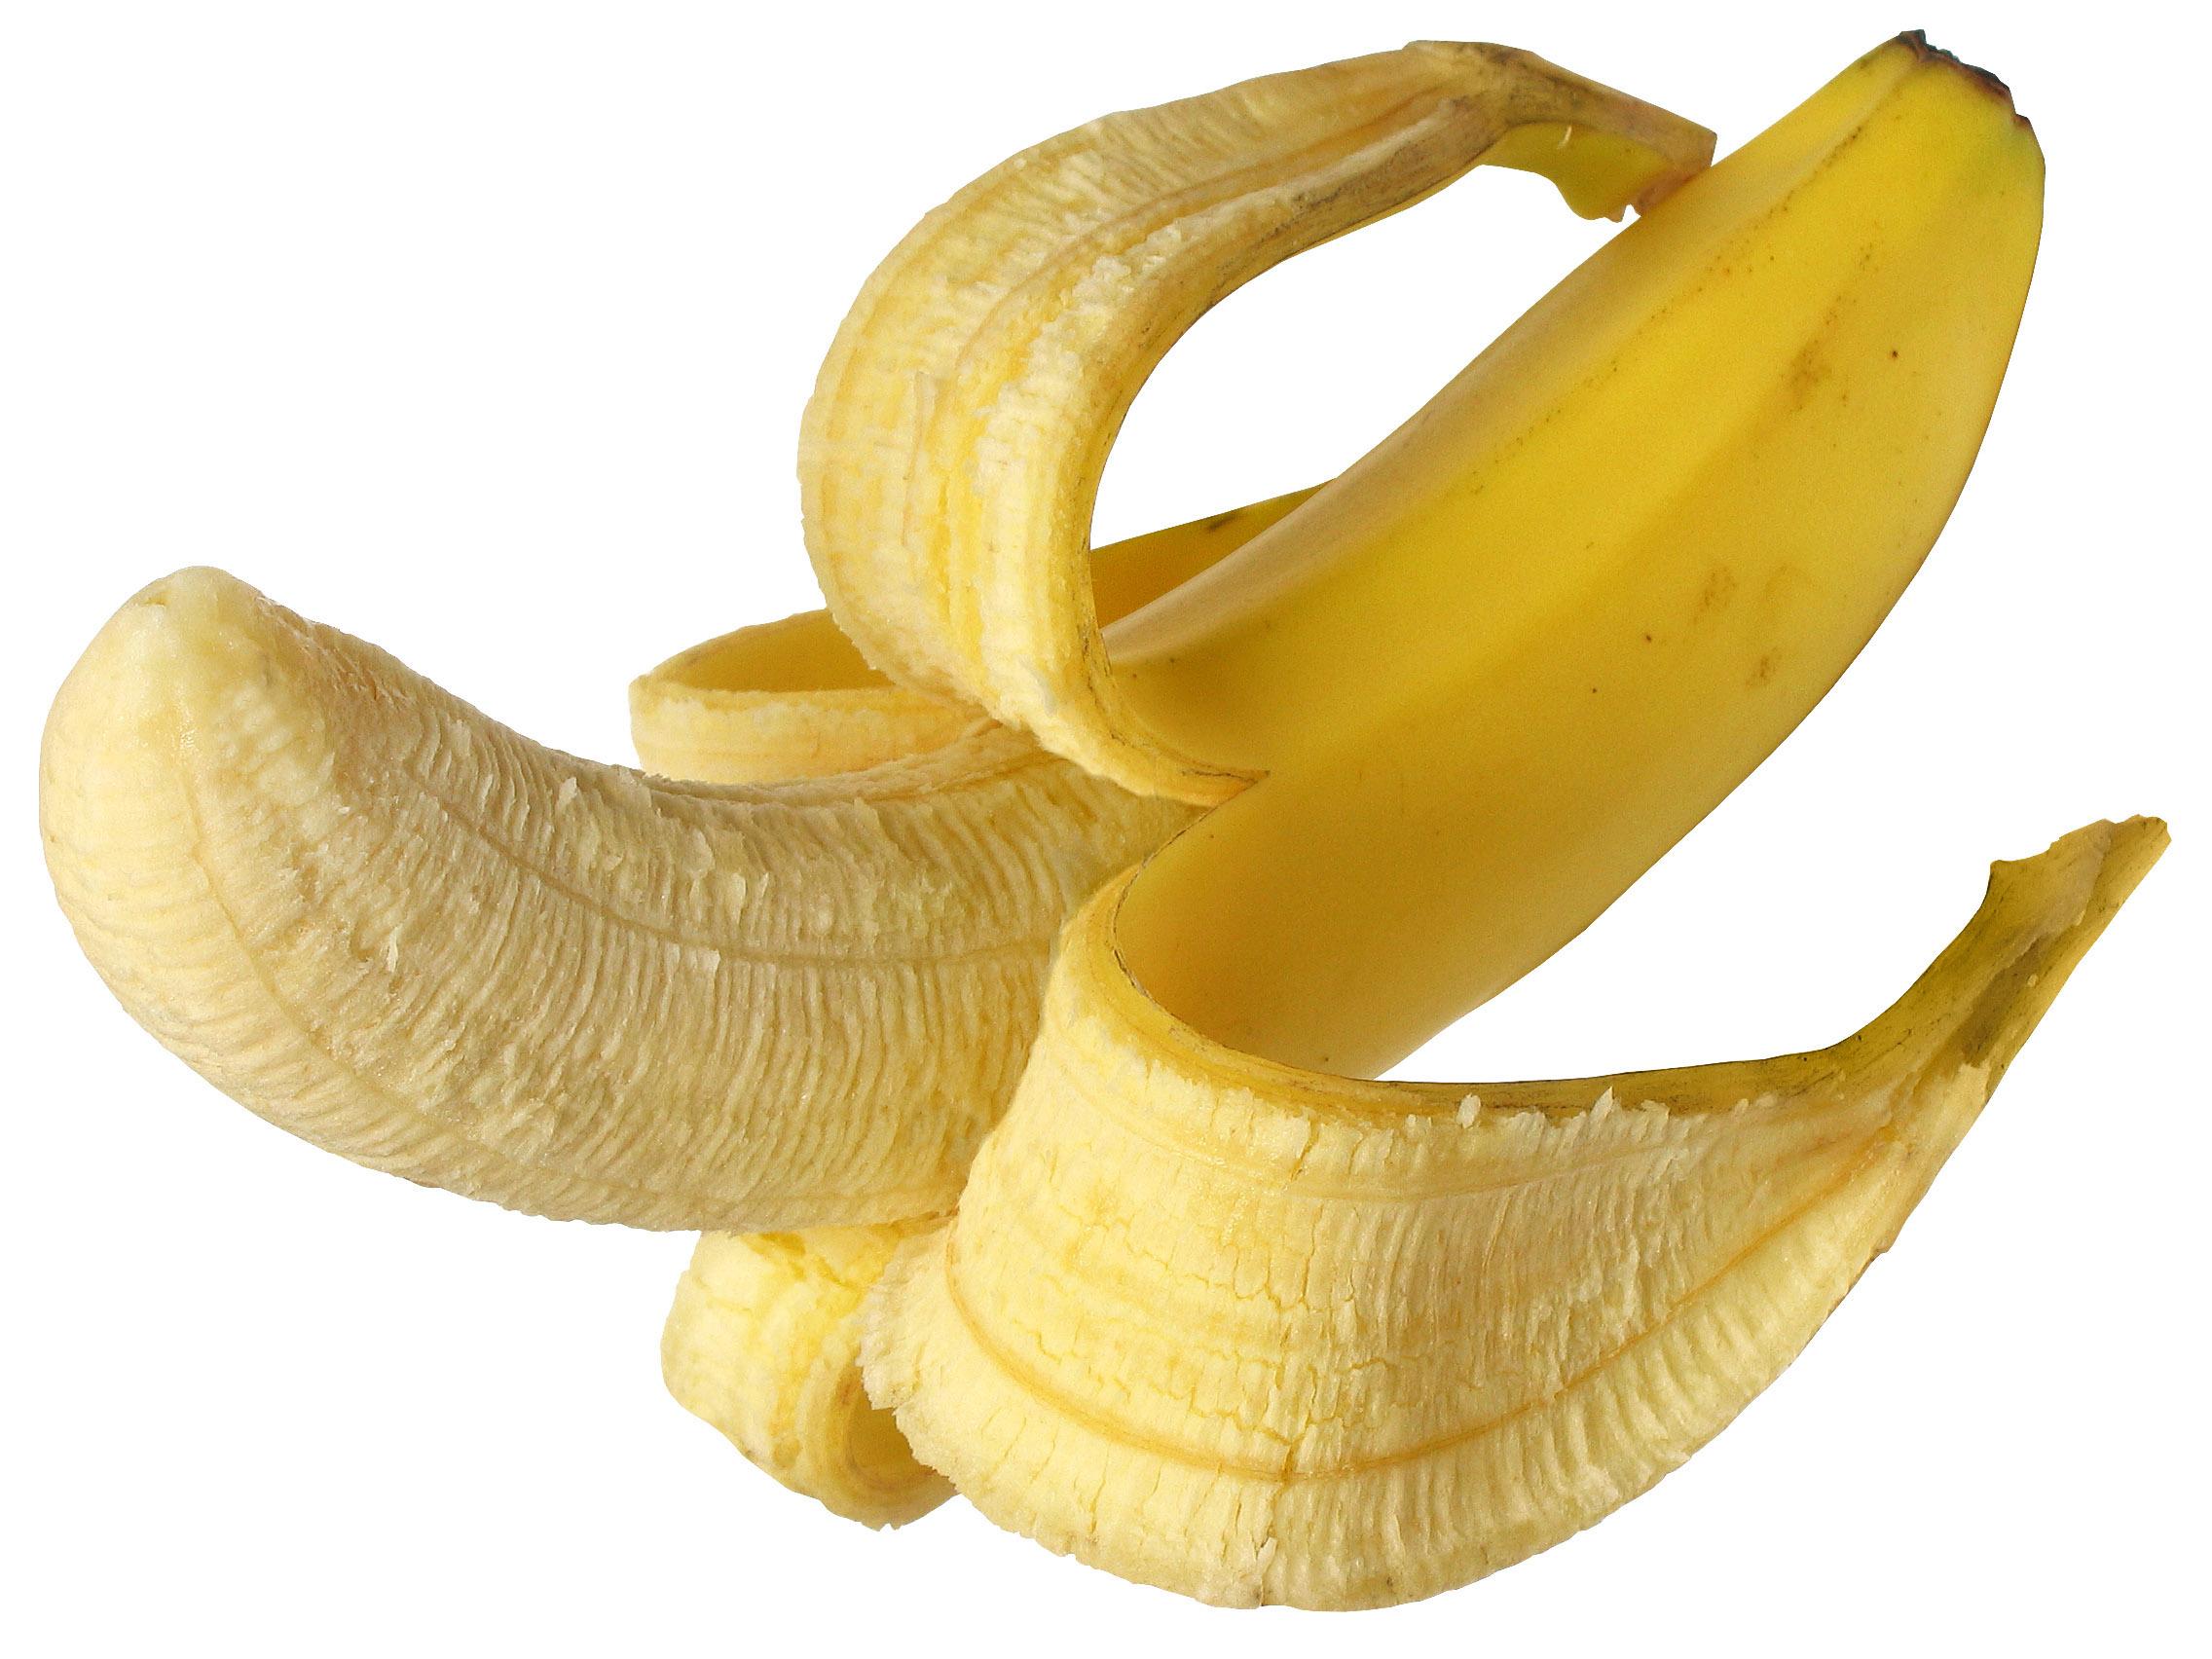 весна ранняя, картинка очищенного банана греет